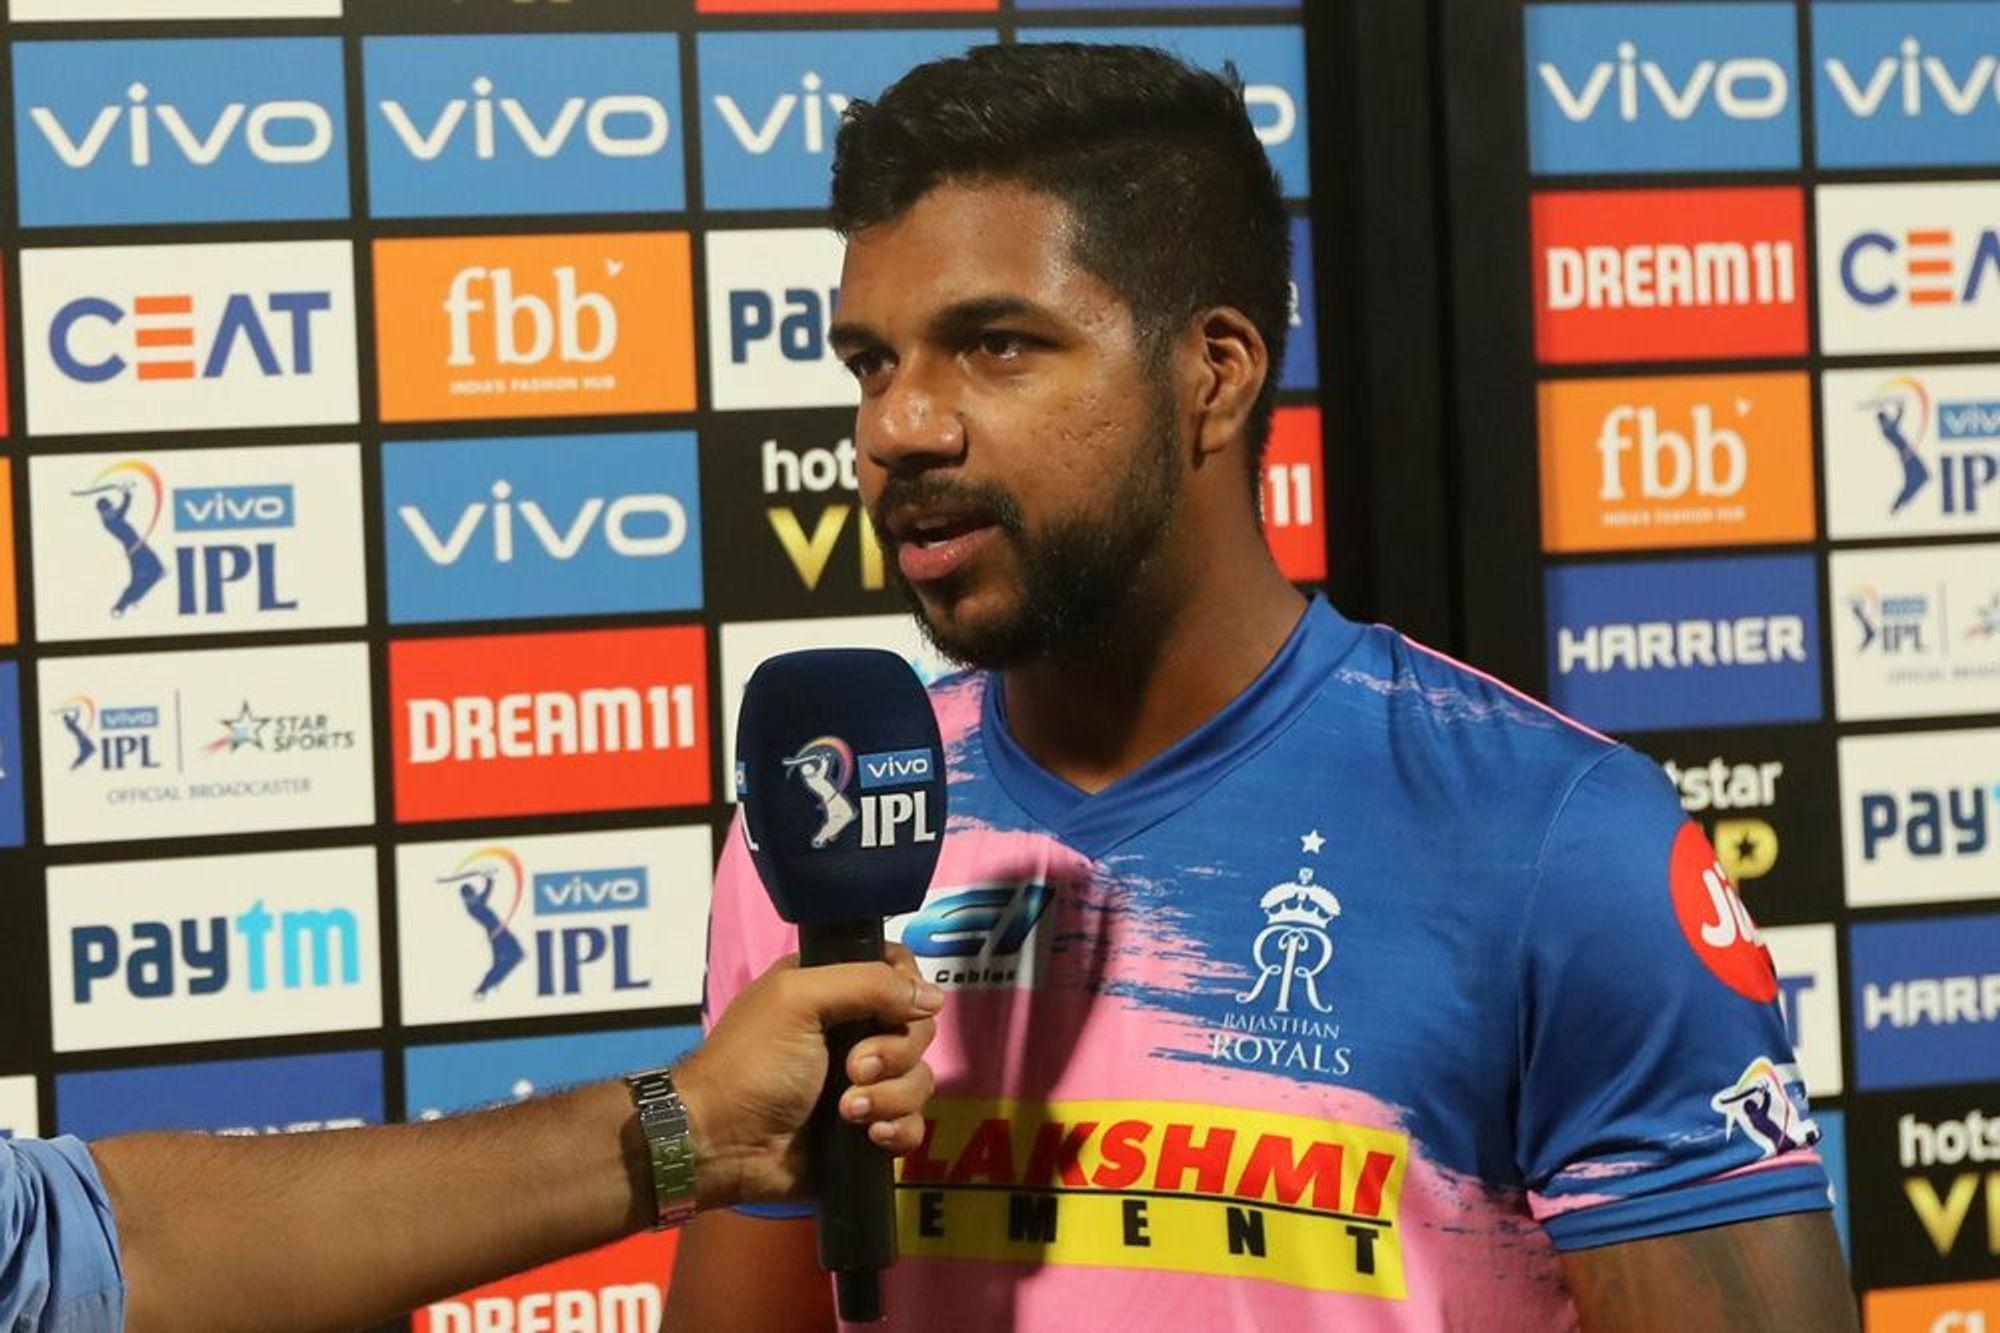 'मैन ऑफ़ द मैच' लेते हुए वरुण आरोन ने अपनी टीम के ही साथी खिलाड़ी अजिंक्य रहाणे को सूना दी खरी-खोटी